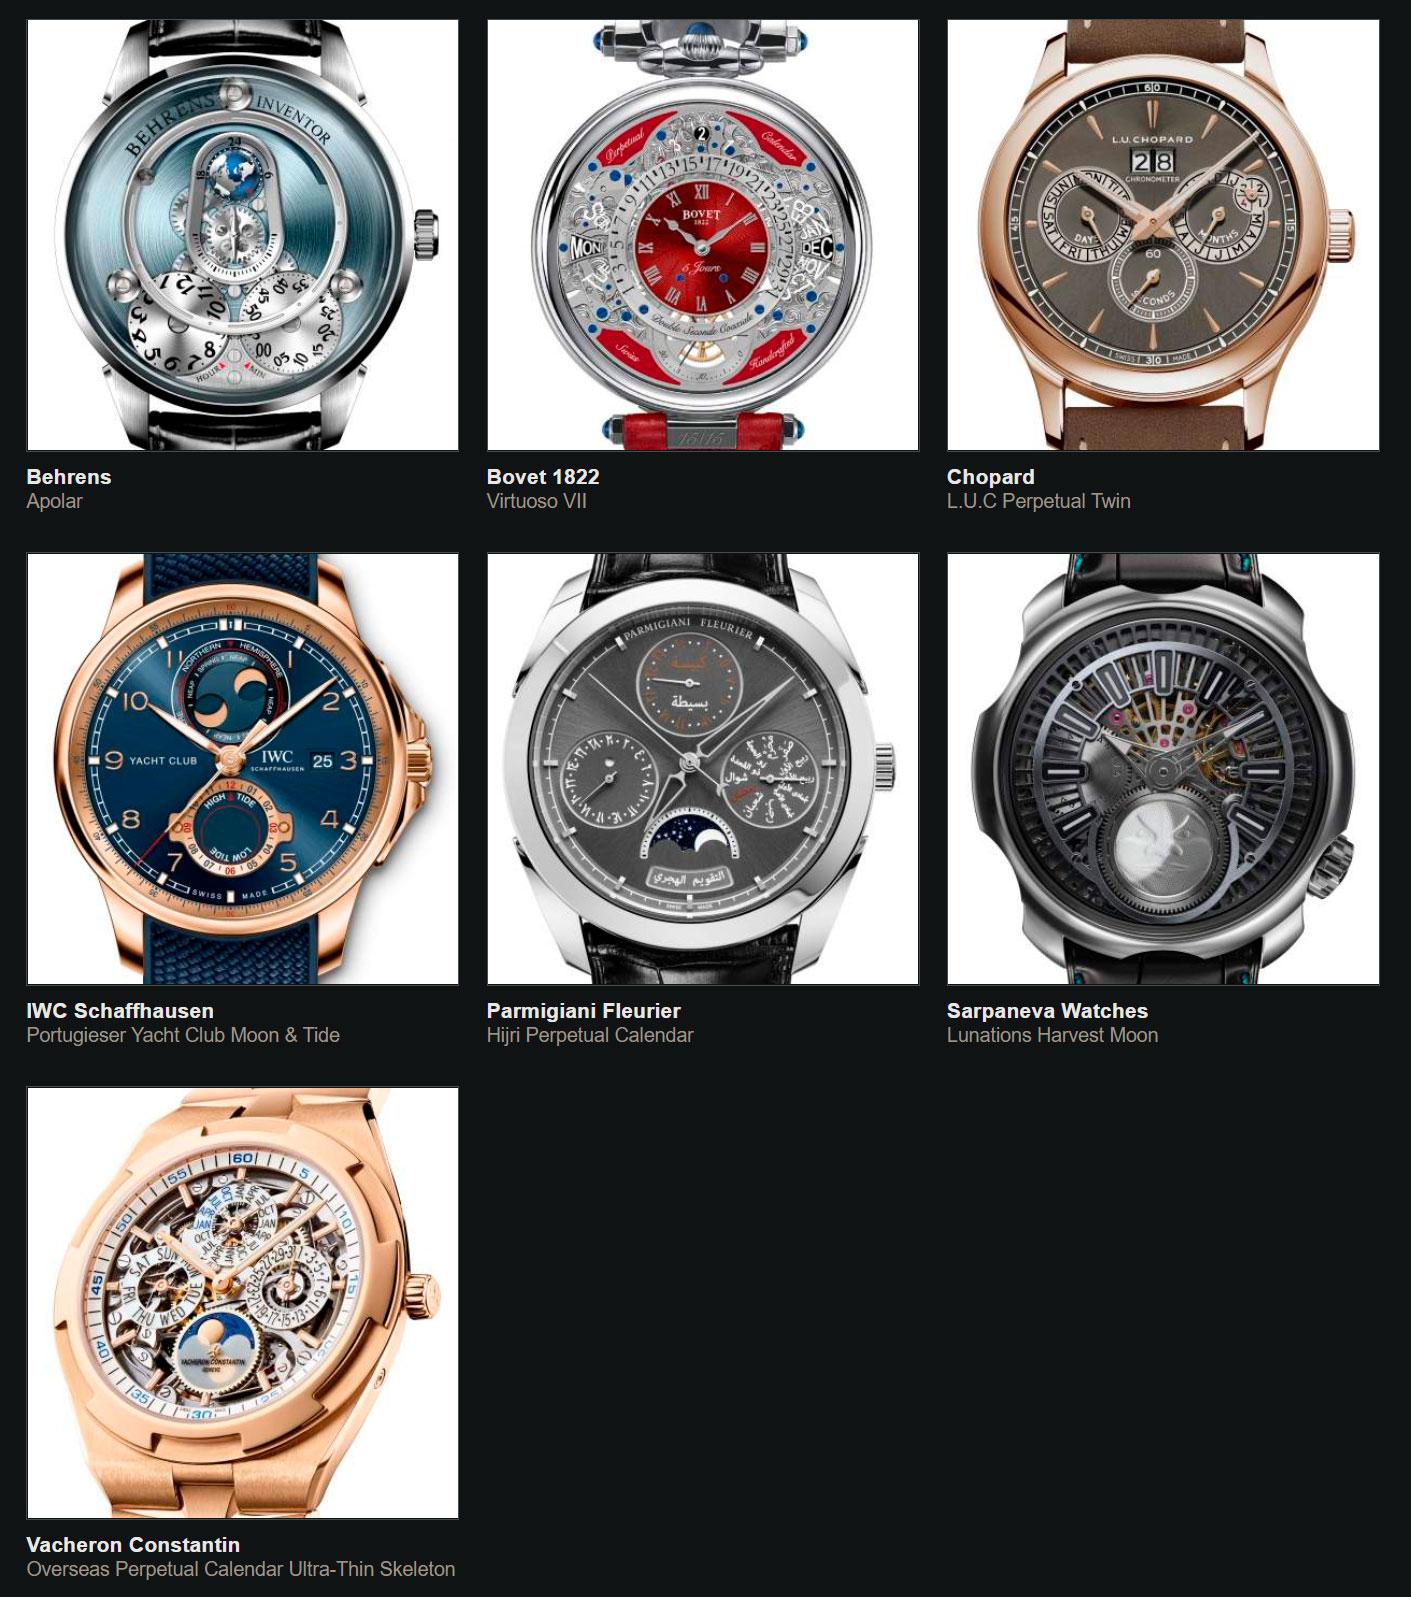 Relojes preseleccionados para el Gran Premio de Relojería de Ginebra 2020 Calendario y Astronomía